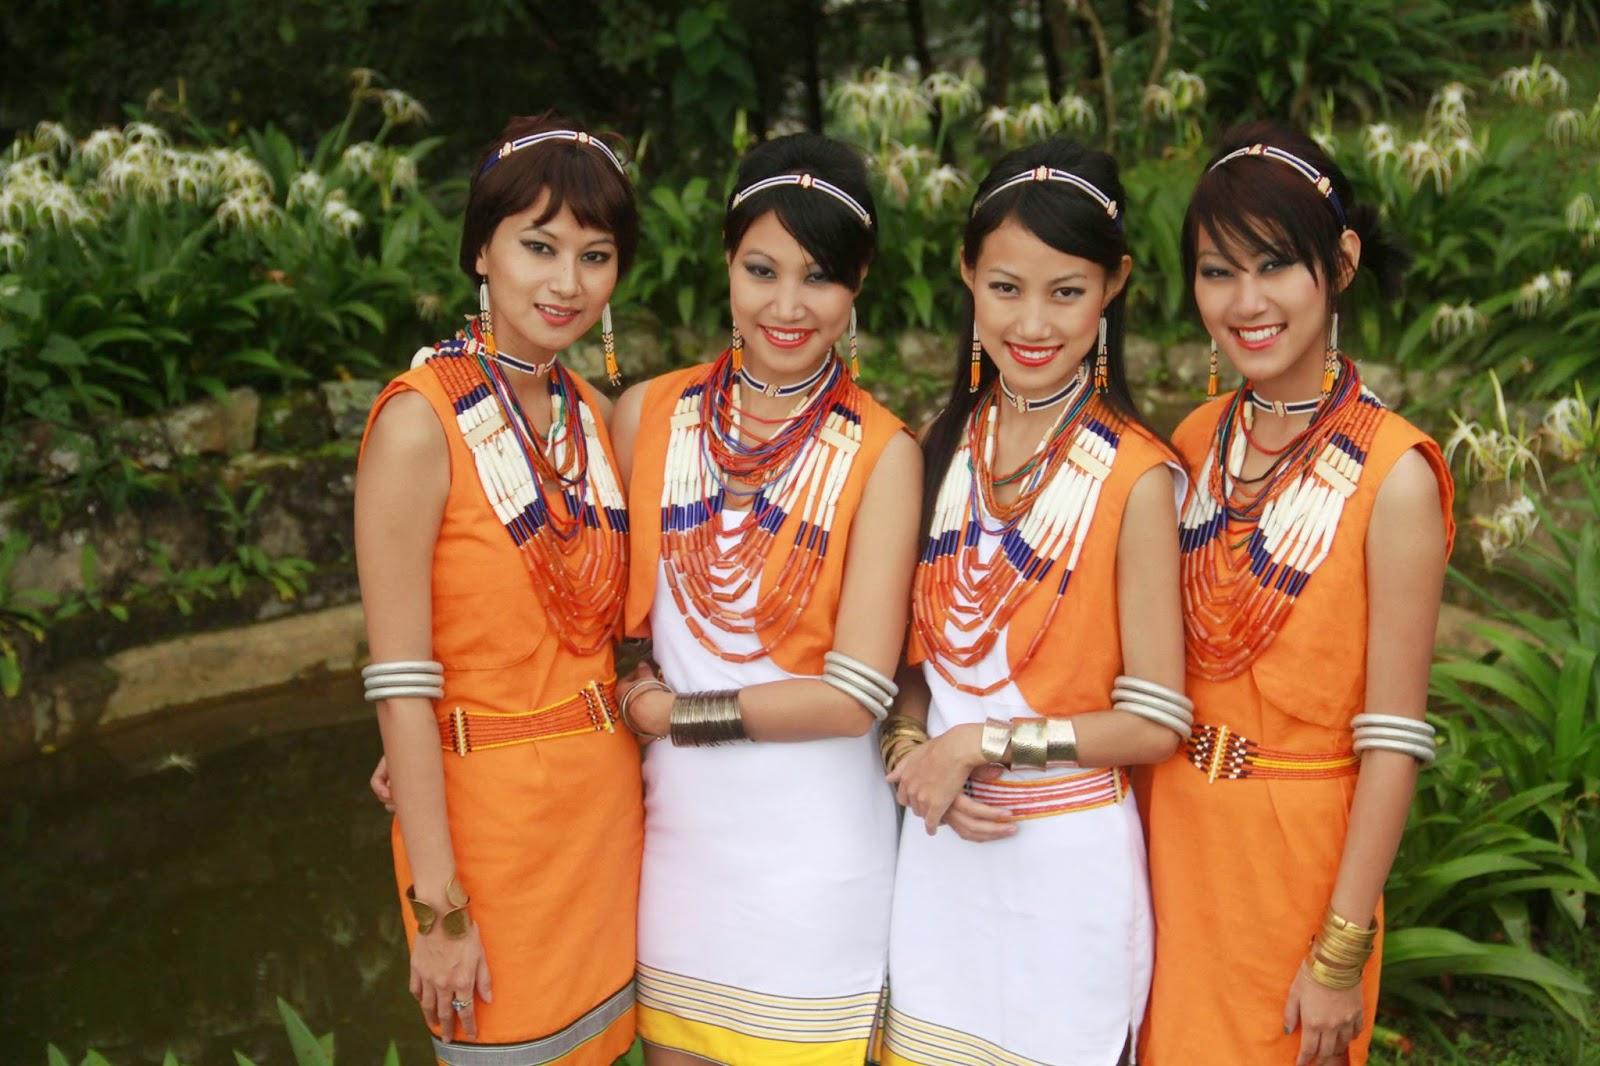 Tetseo Sisters, Nagaland Music